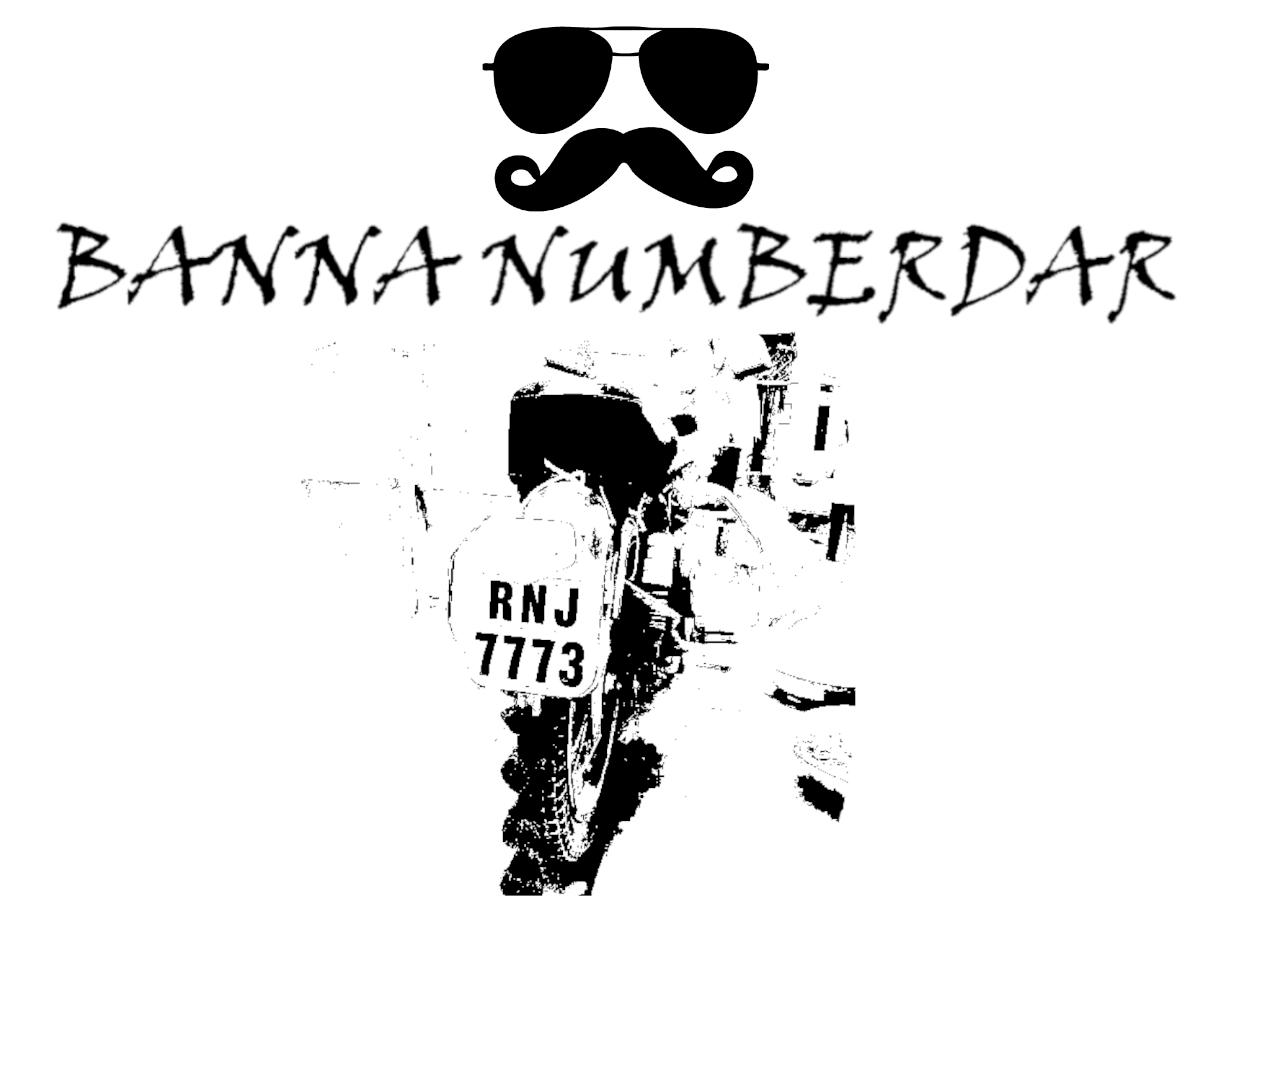 Bannanumberdar7773 Bike Art Character